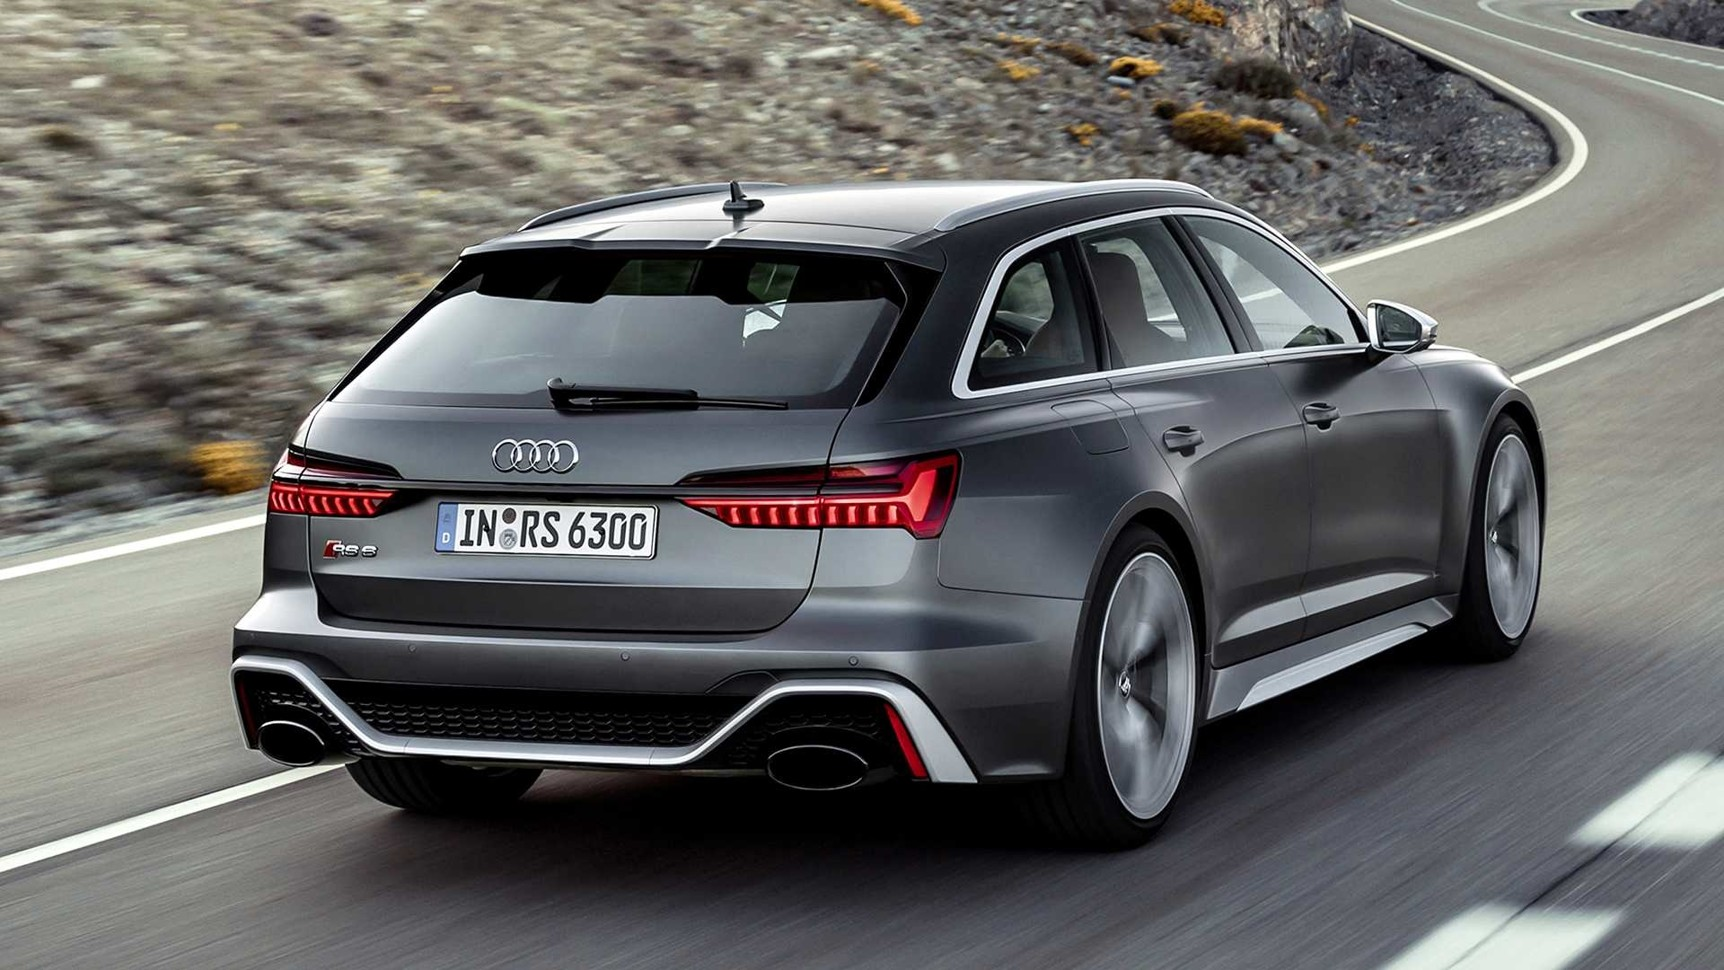 У Audi появился 600-сильный и очень красивый «сарай» 3